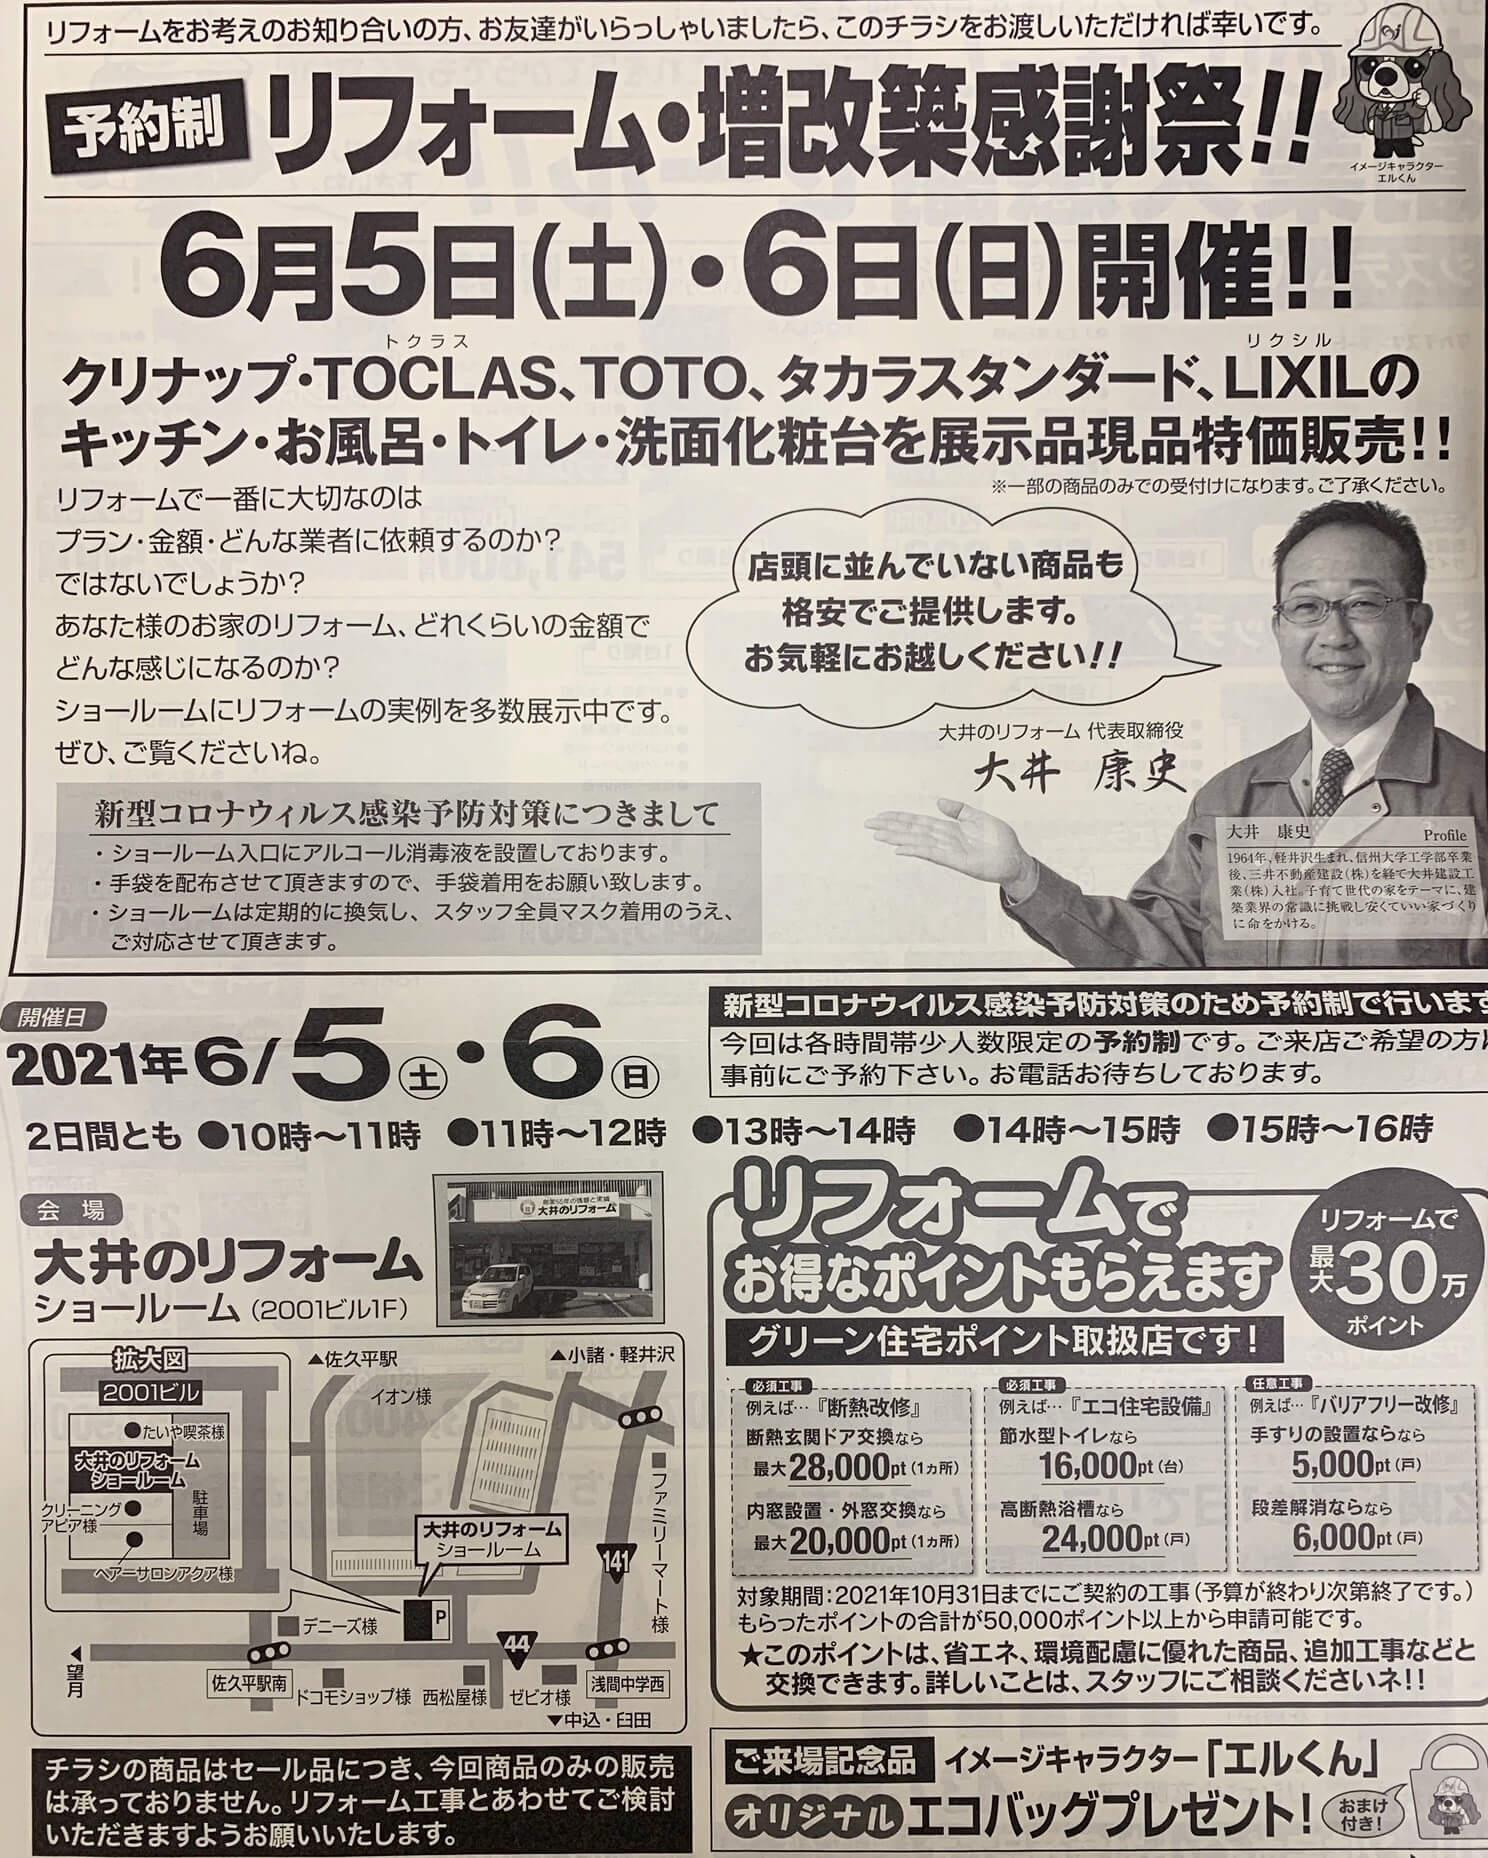 6月5日(土)・6日(日)『リフォーム・増改築感謝祭!』を開催致します😄